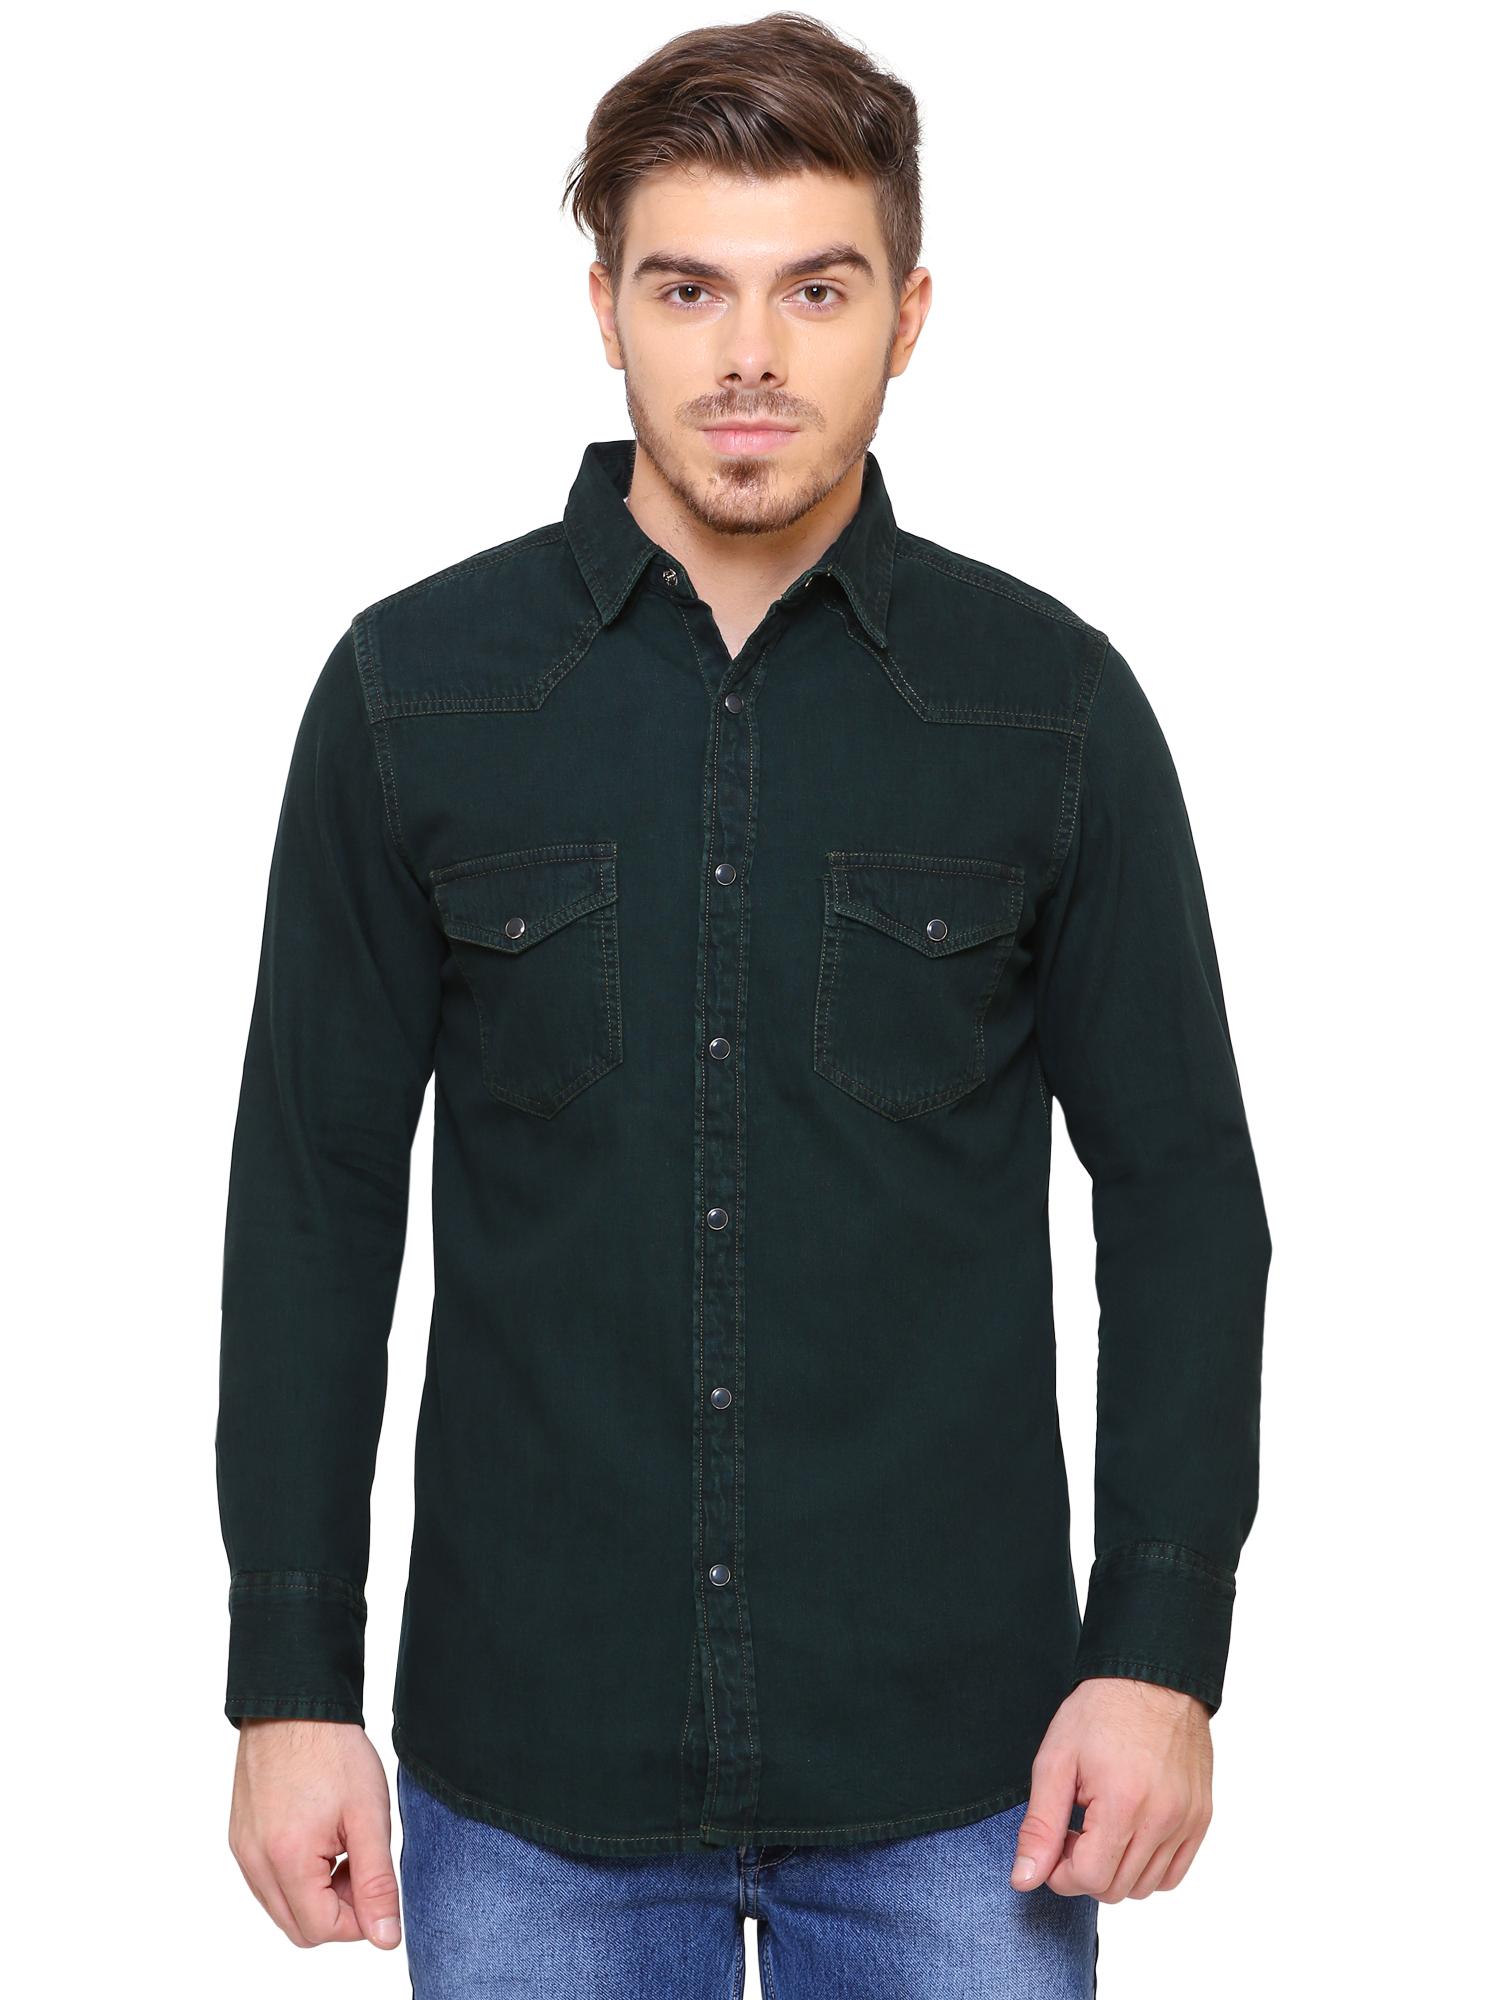 Southbay | Southbay Men's Green Casual Denim Shirt- SBCLFS808GE